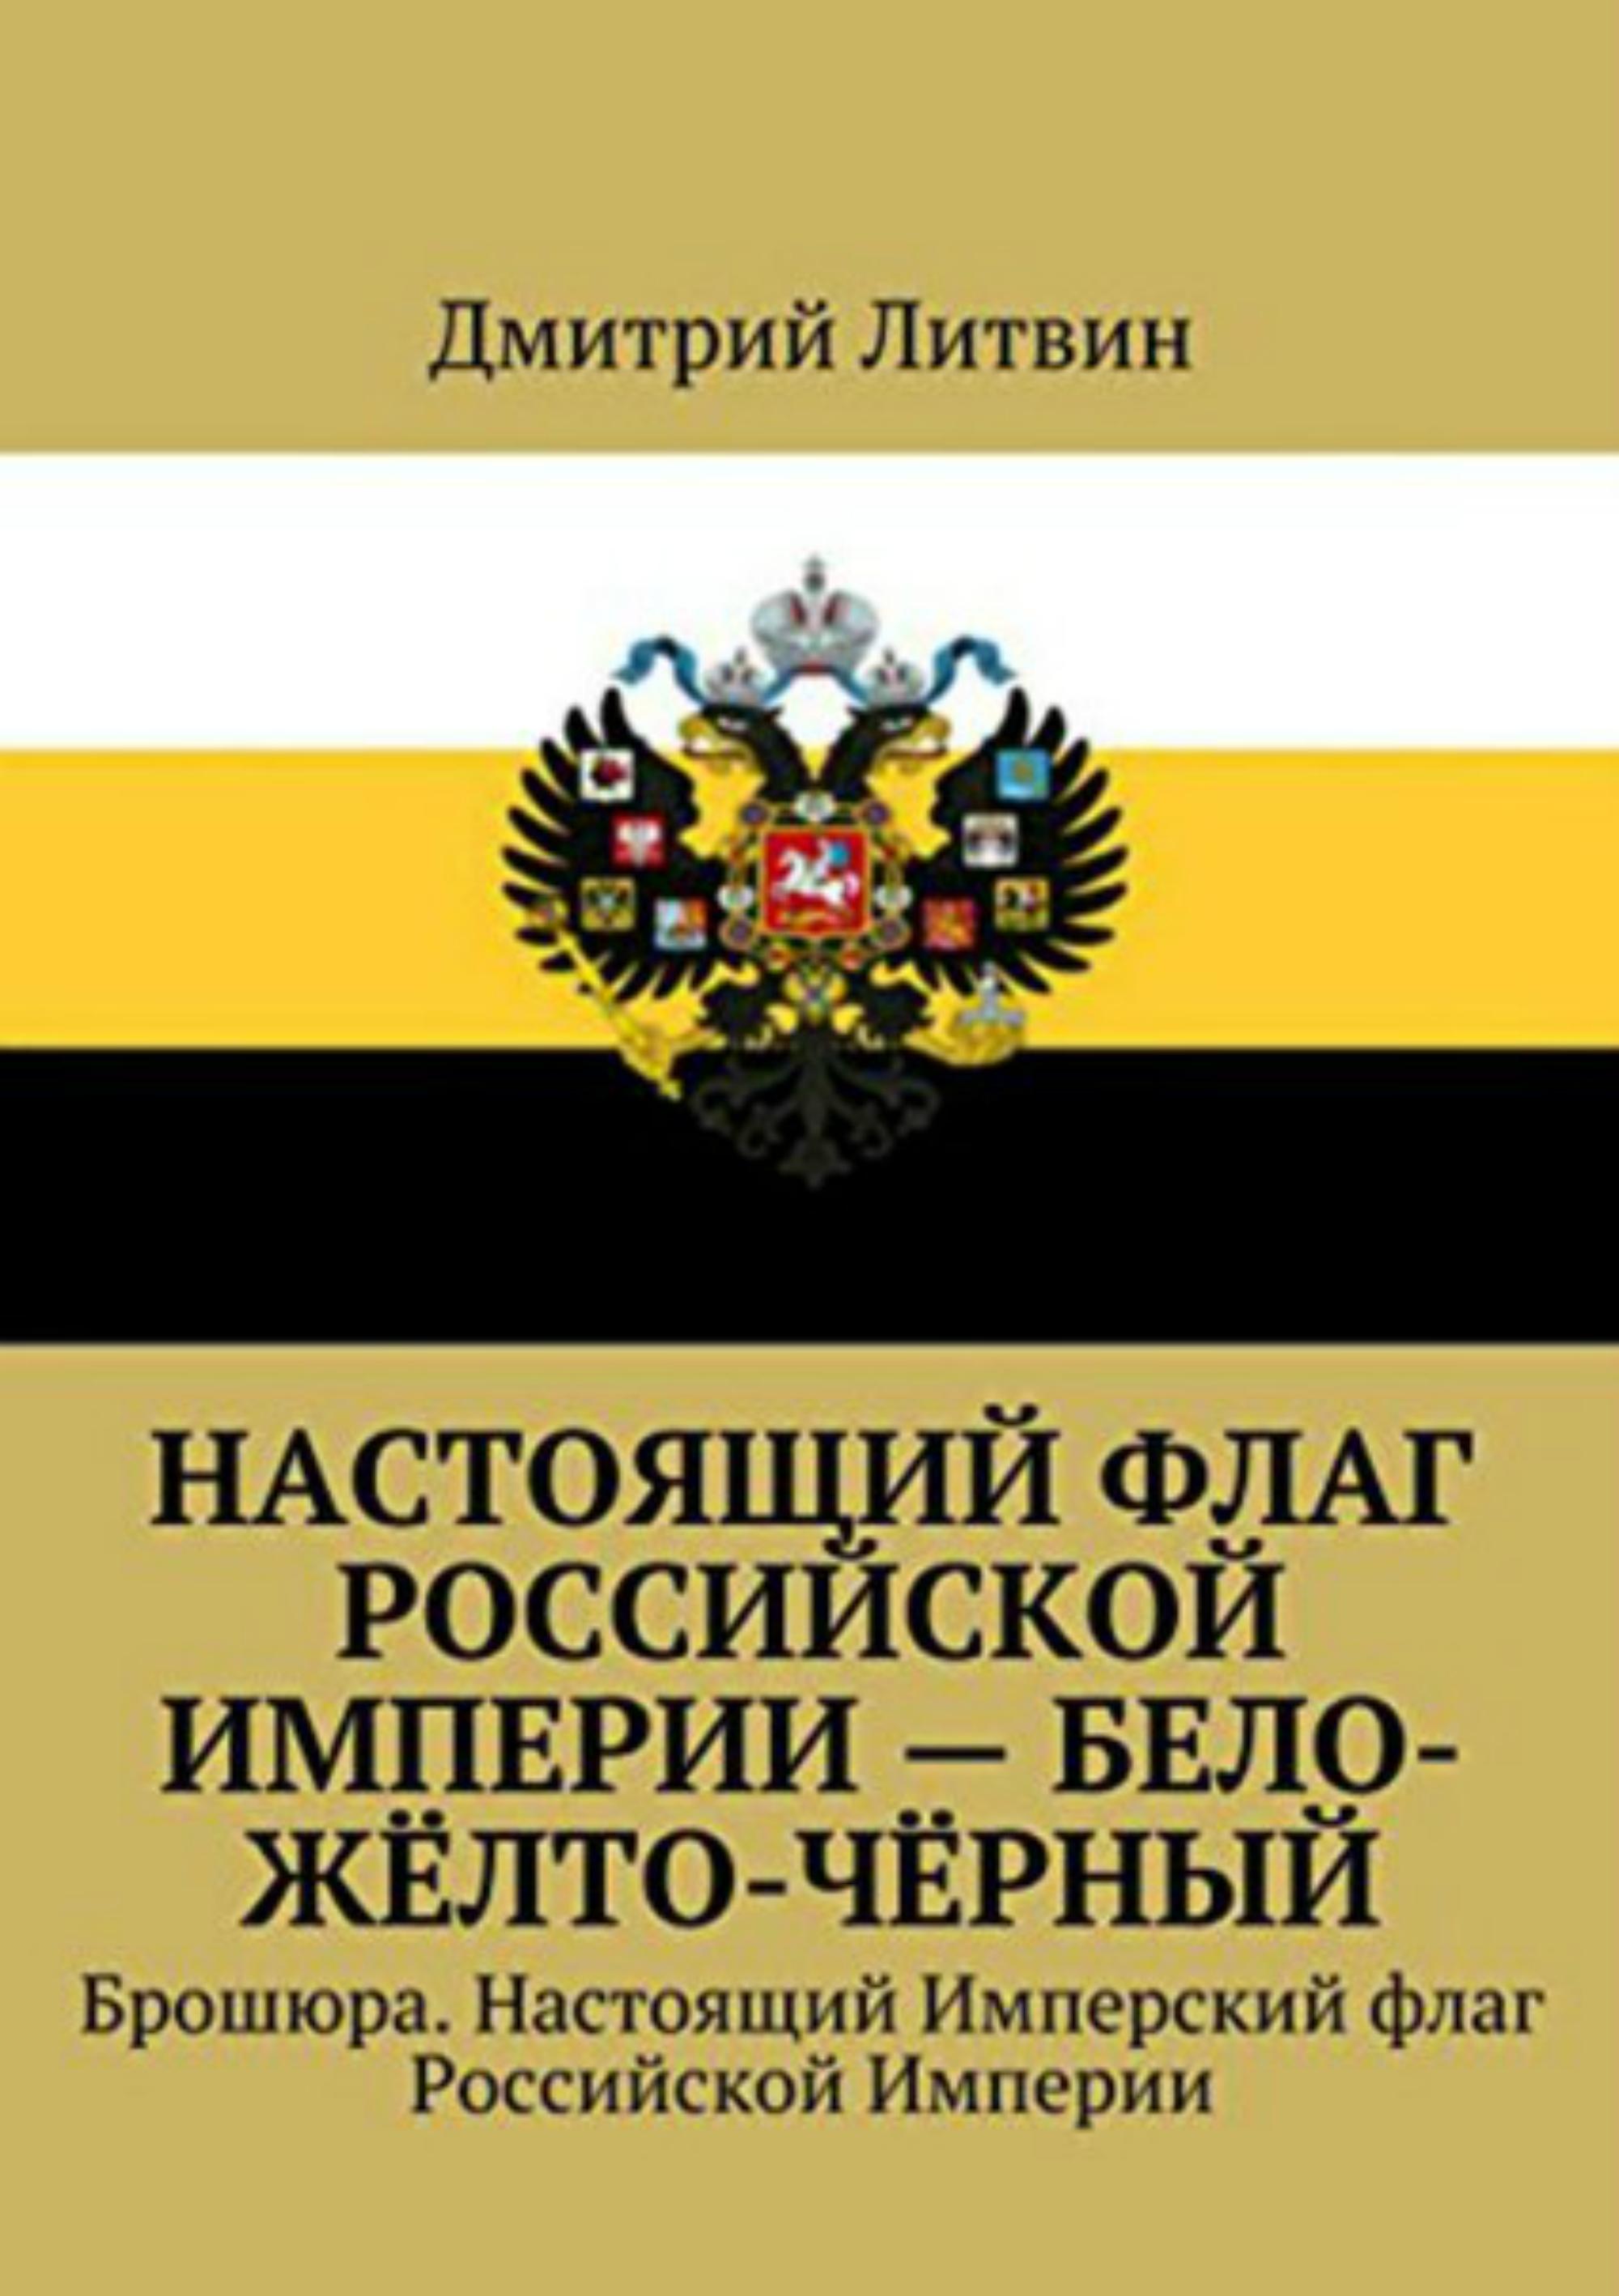 На фото: Настоящий флаг Российской Империи — бело-жёлто-чёрный. Брошюра. Настоящий Имперский флаг Российской Империи, автор: Dmitry_Litvin